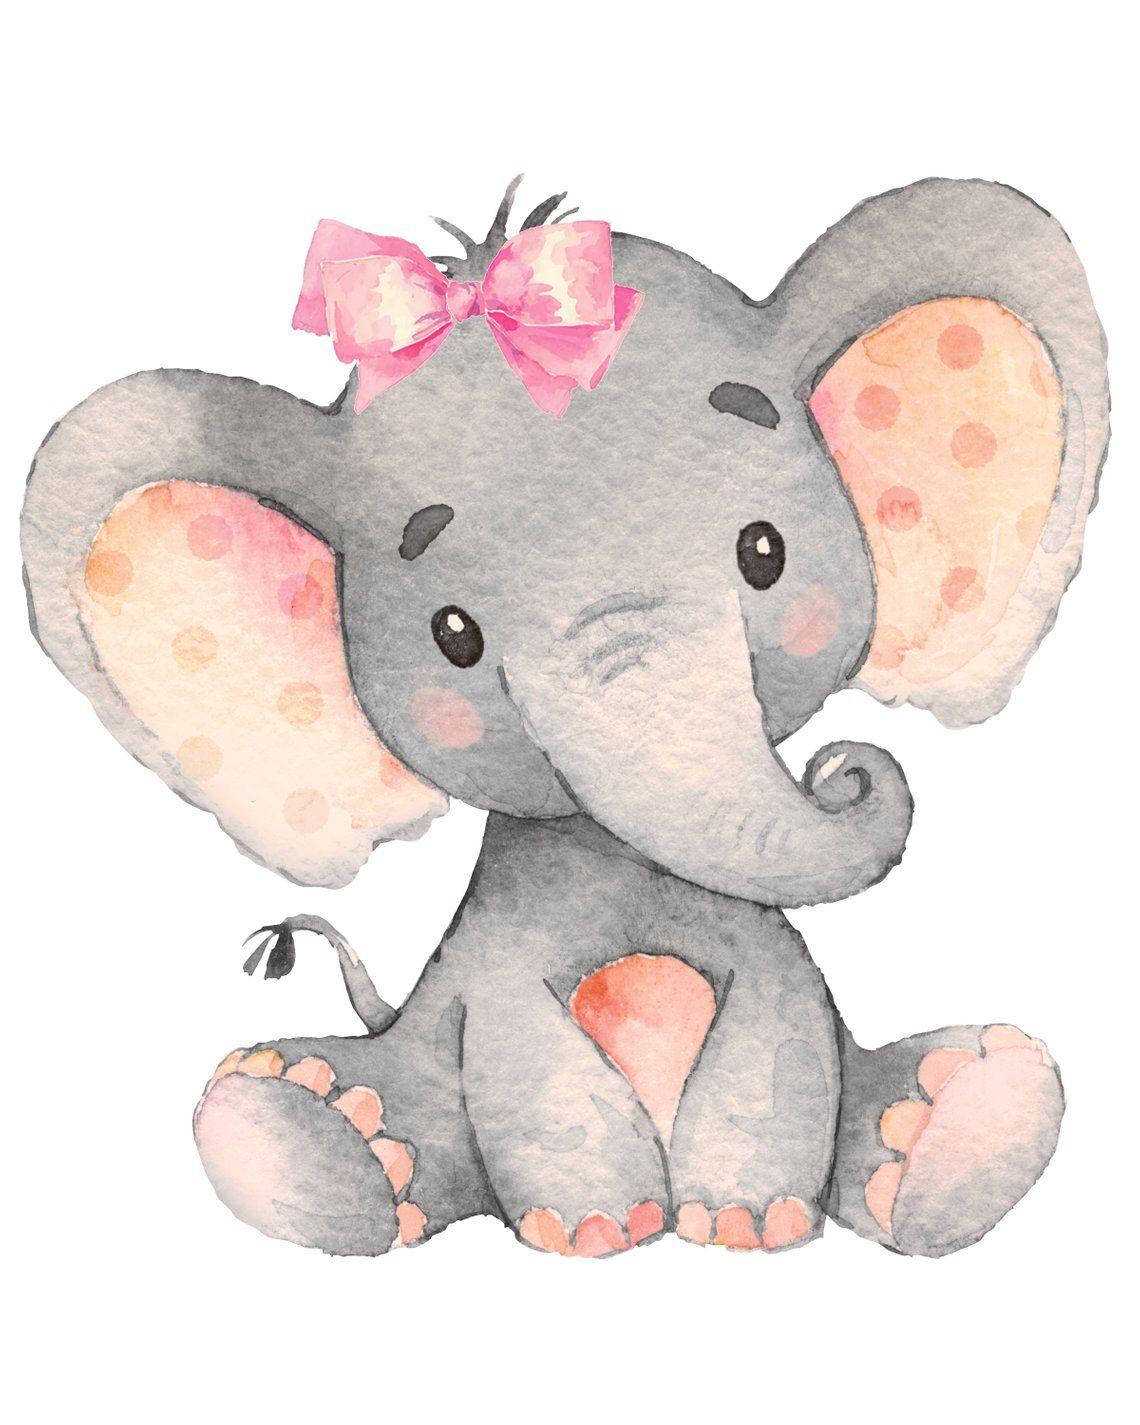 картинка милого слона искривление бывает вправо